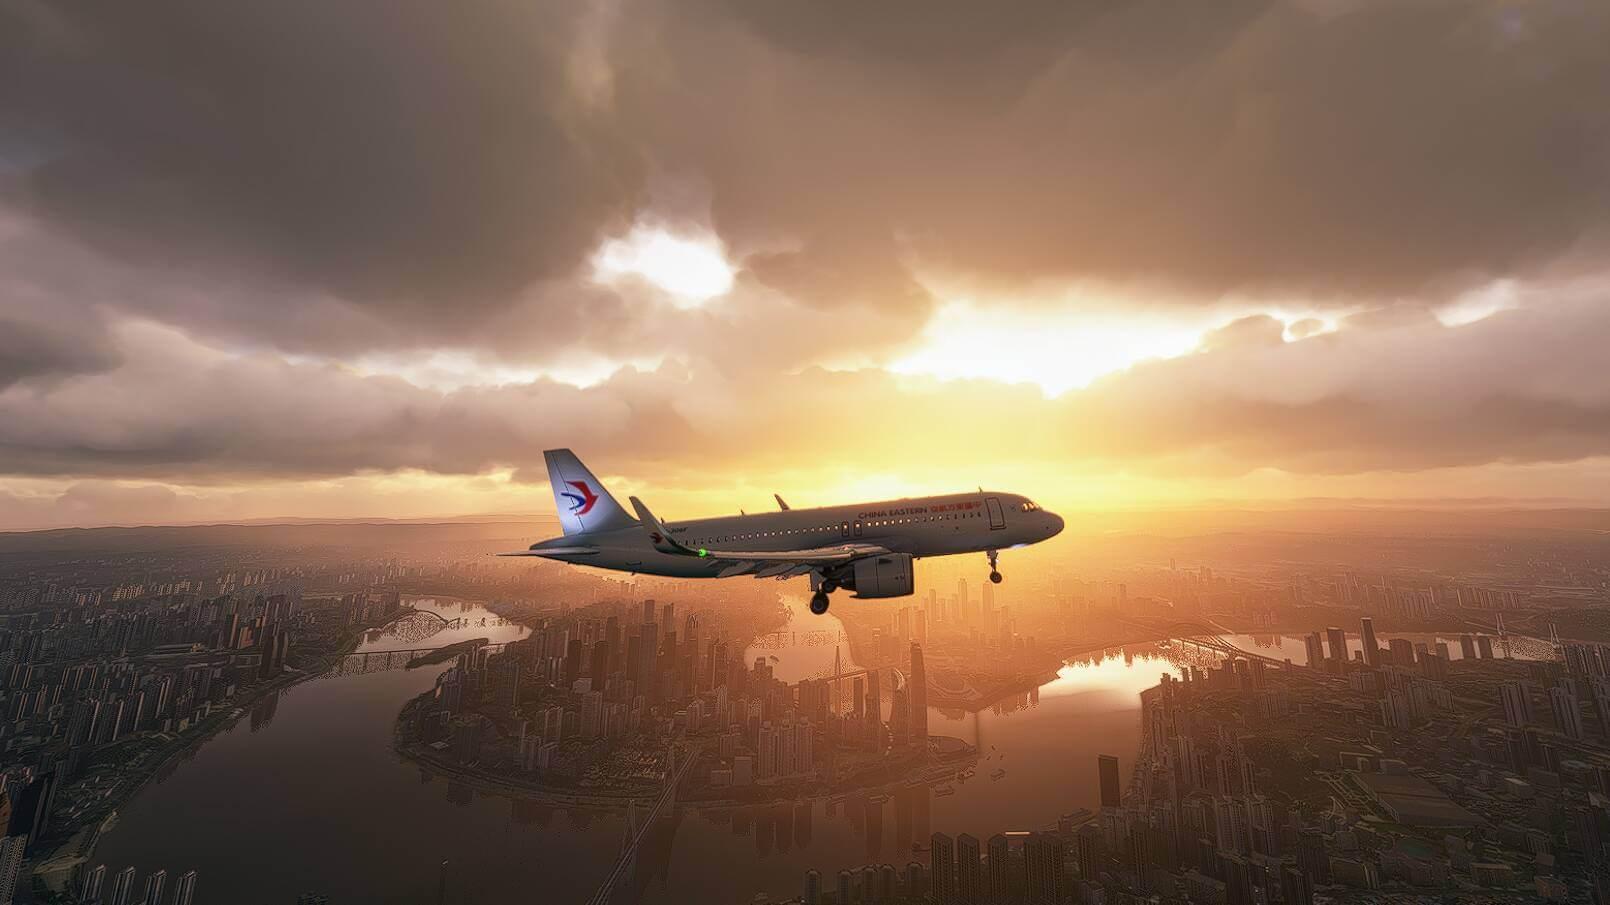 Chongqing-China-Screenshot-by-Reinier044